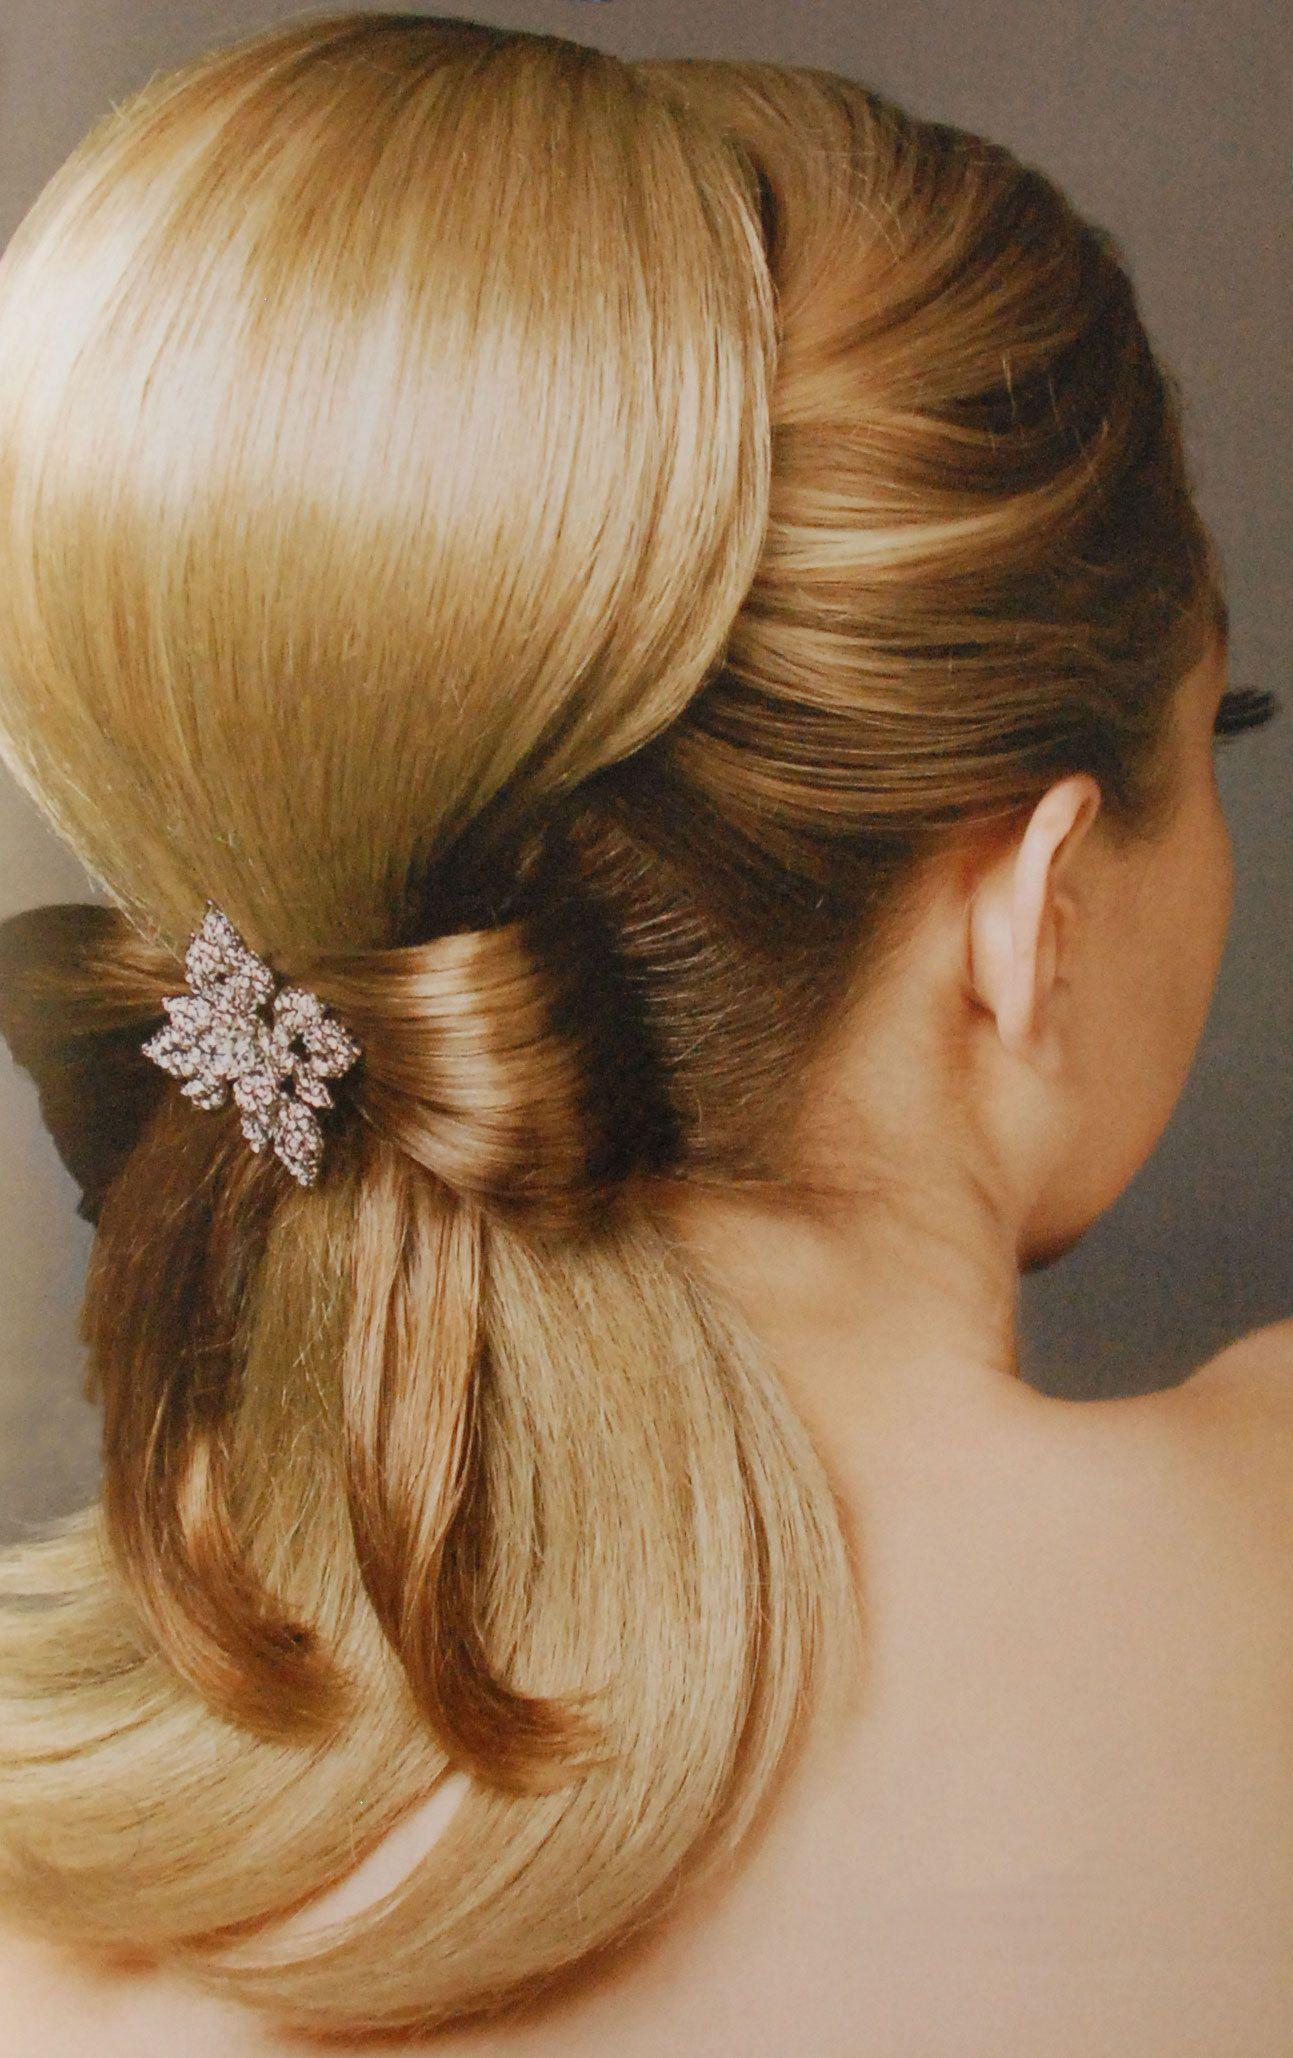 Wunderschöne, klassische Brautfrisur mit Haarschleife als Abschluß. Sehr elegant.